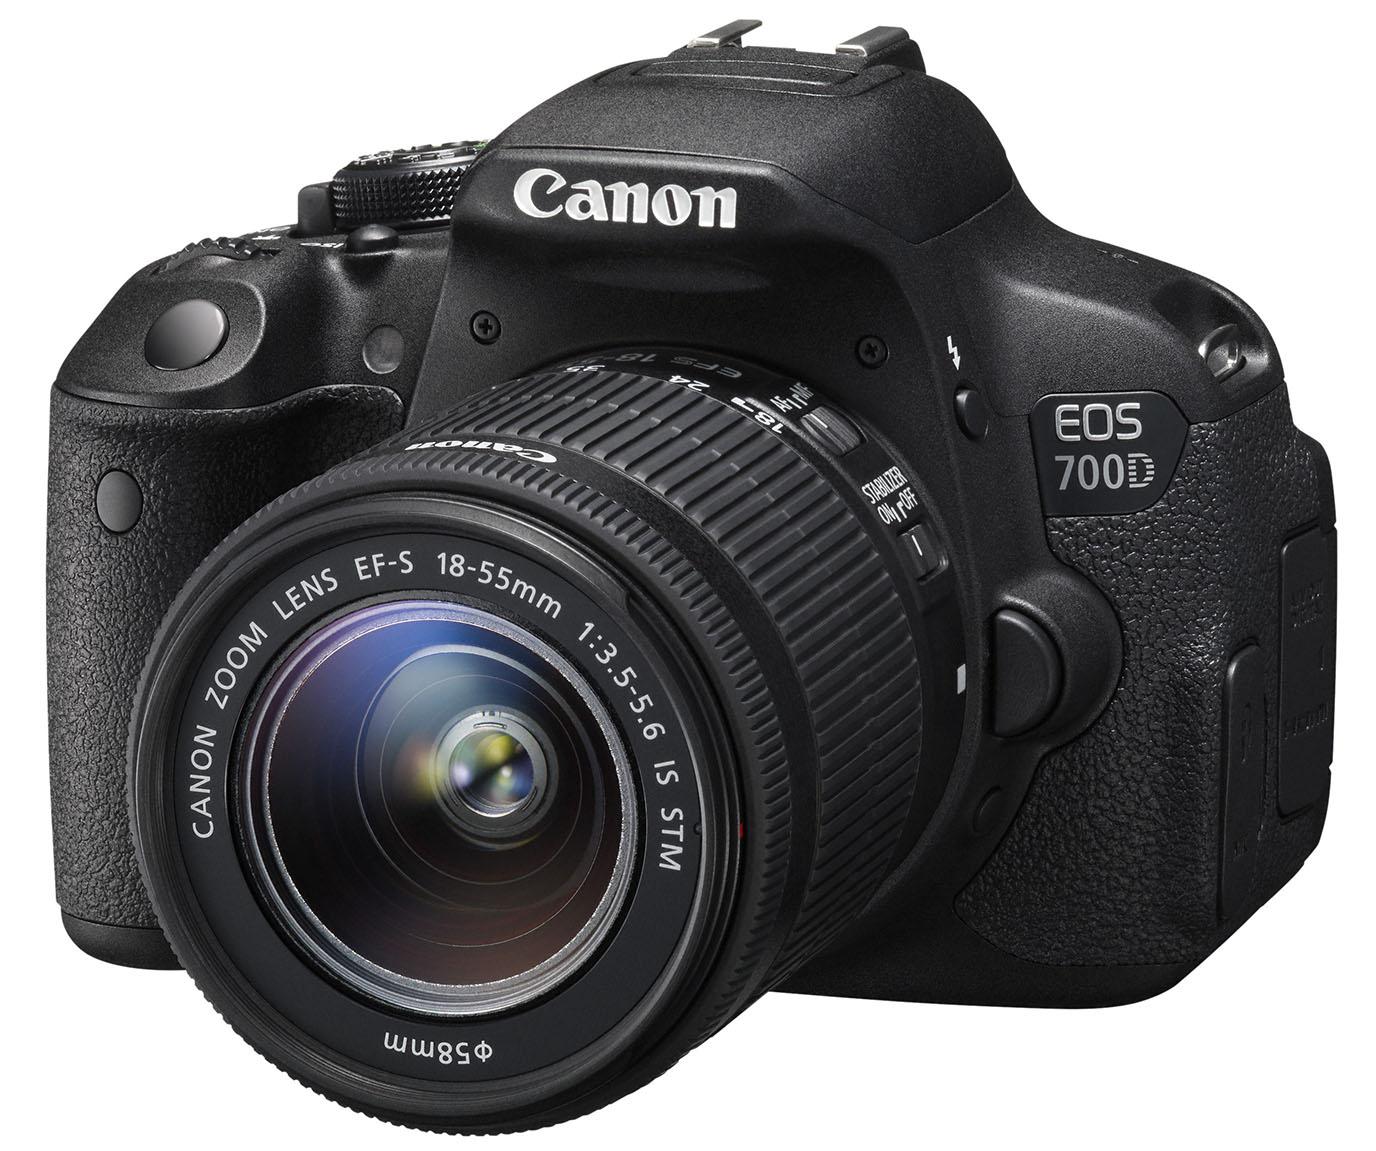 Annonce du Canon 700D et 100D